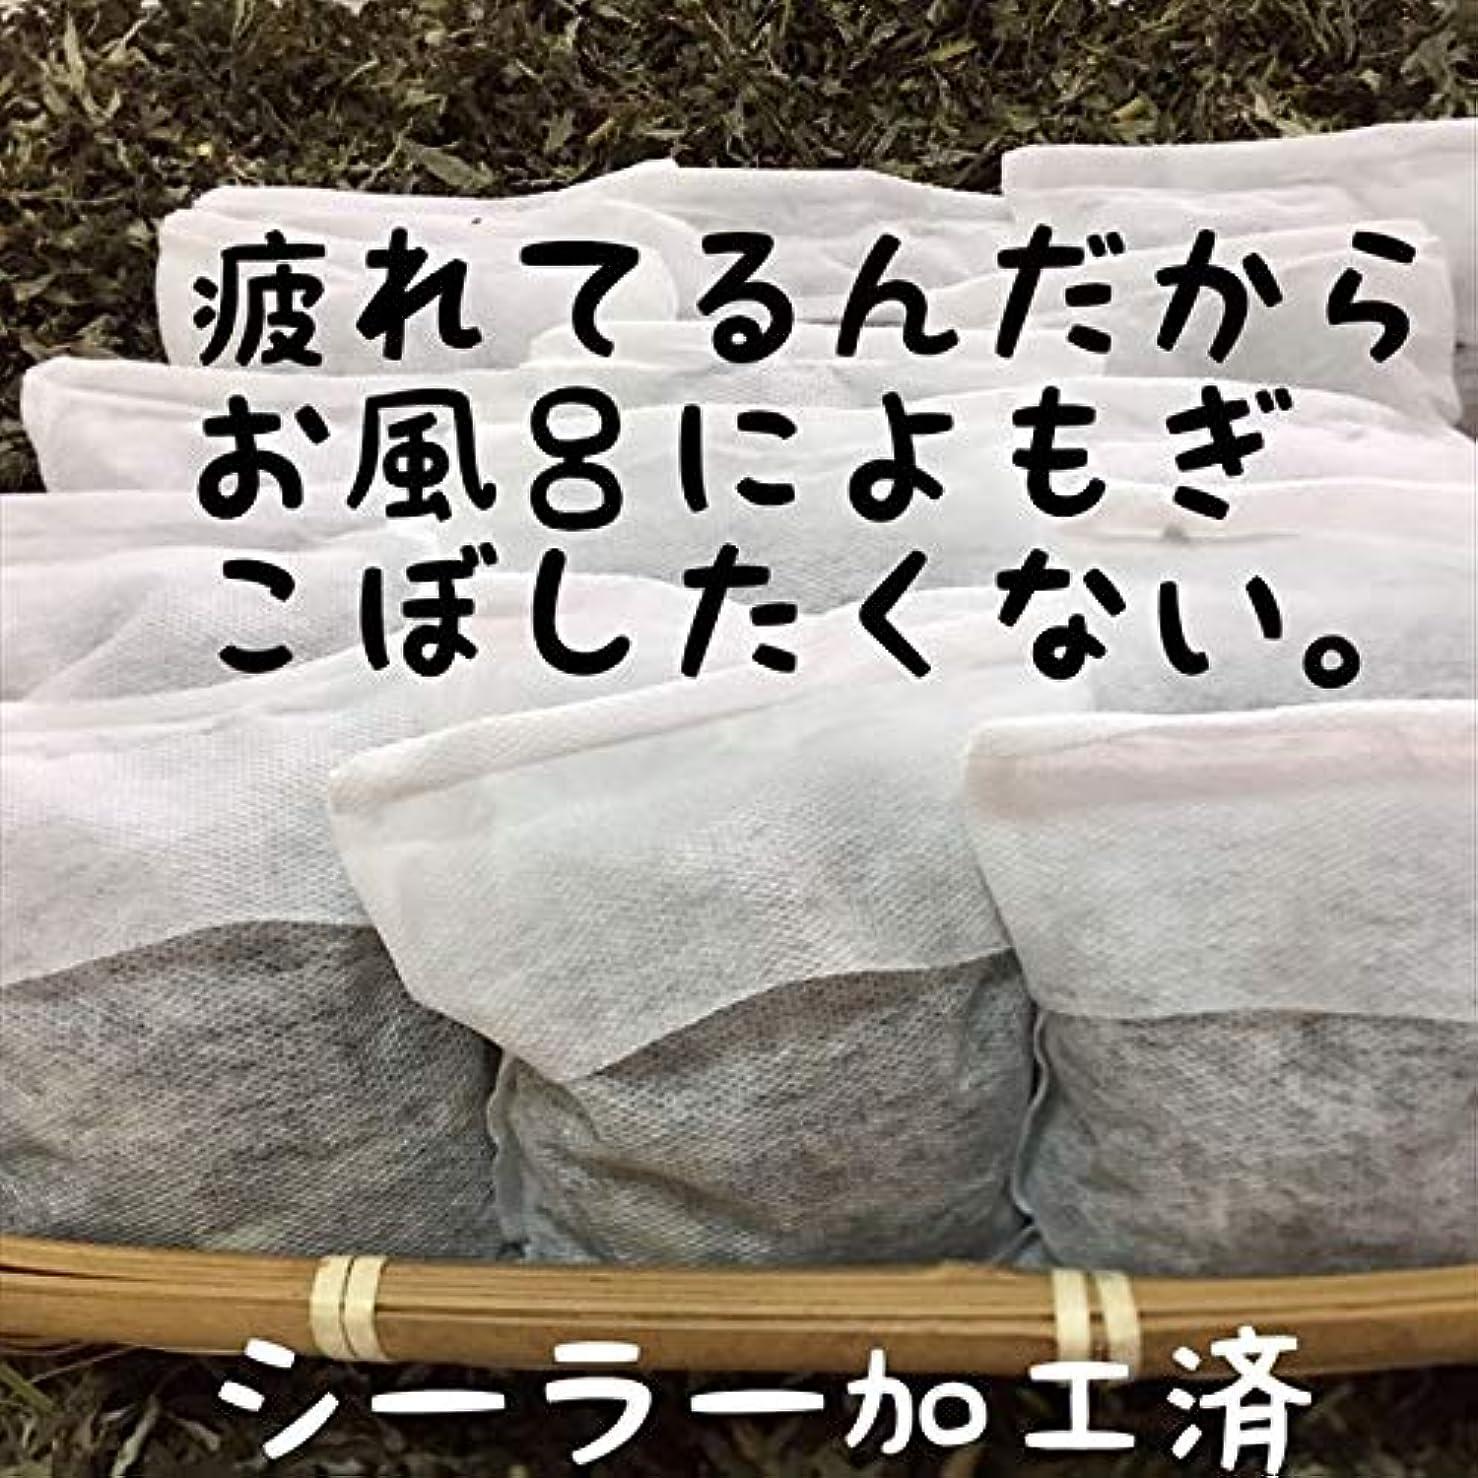 コンクリート規制する自動化薬草 入浴剤 よもぎ 湯 20回分 薬草湯